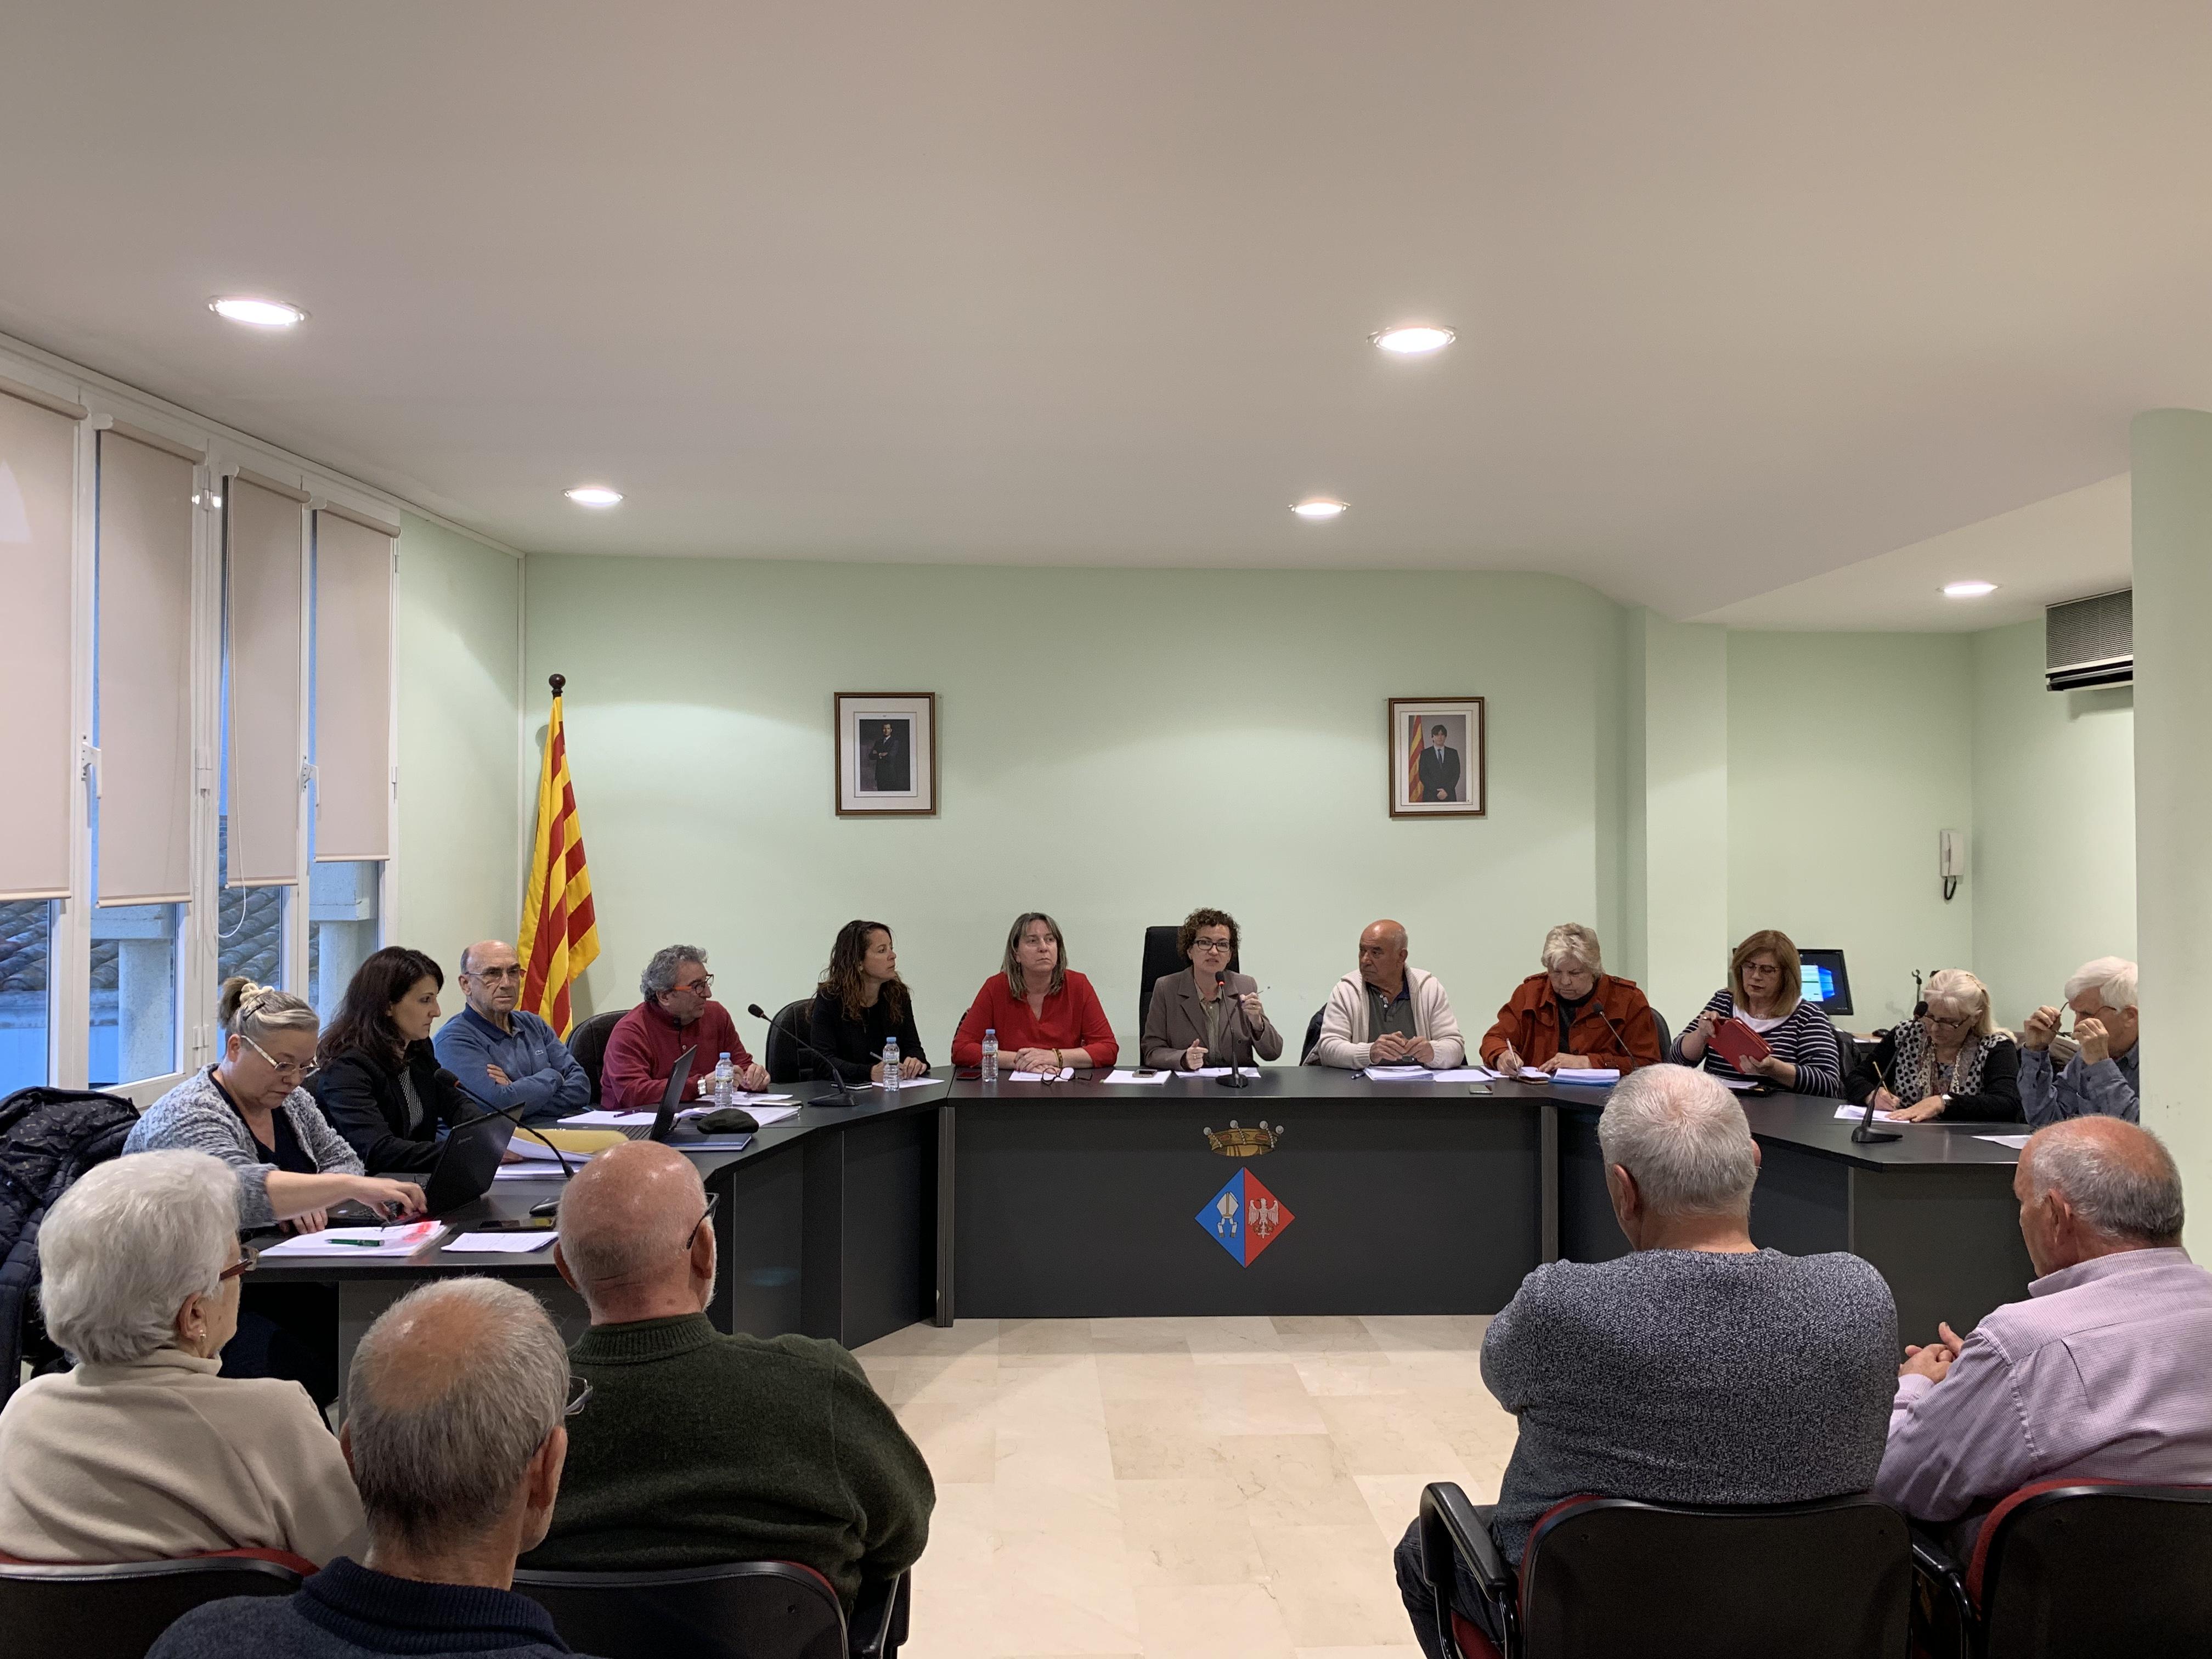 Aquest dijous 18 d'abril a les 11h tindrà lloc un Ple Extraordinari a l'Ajuntament de la Bisbal